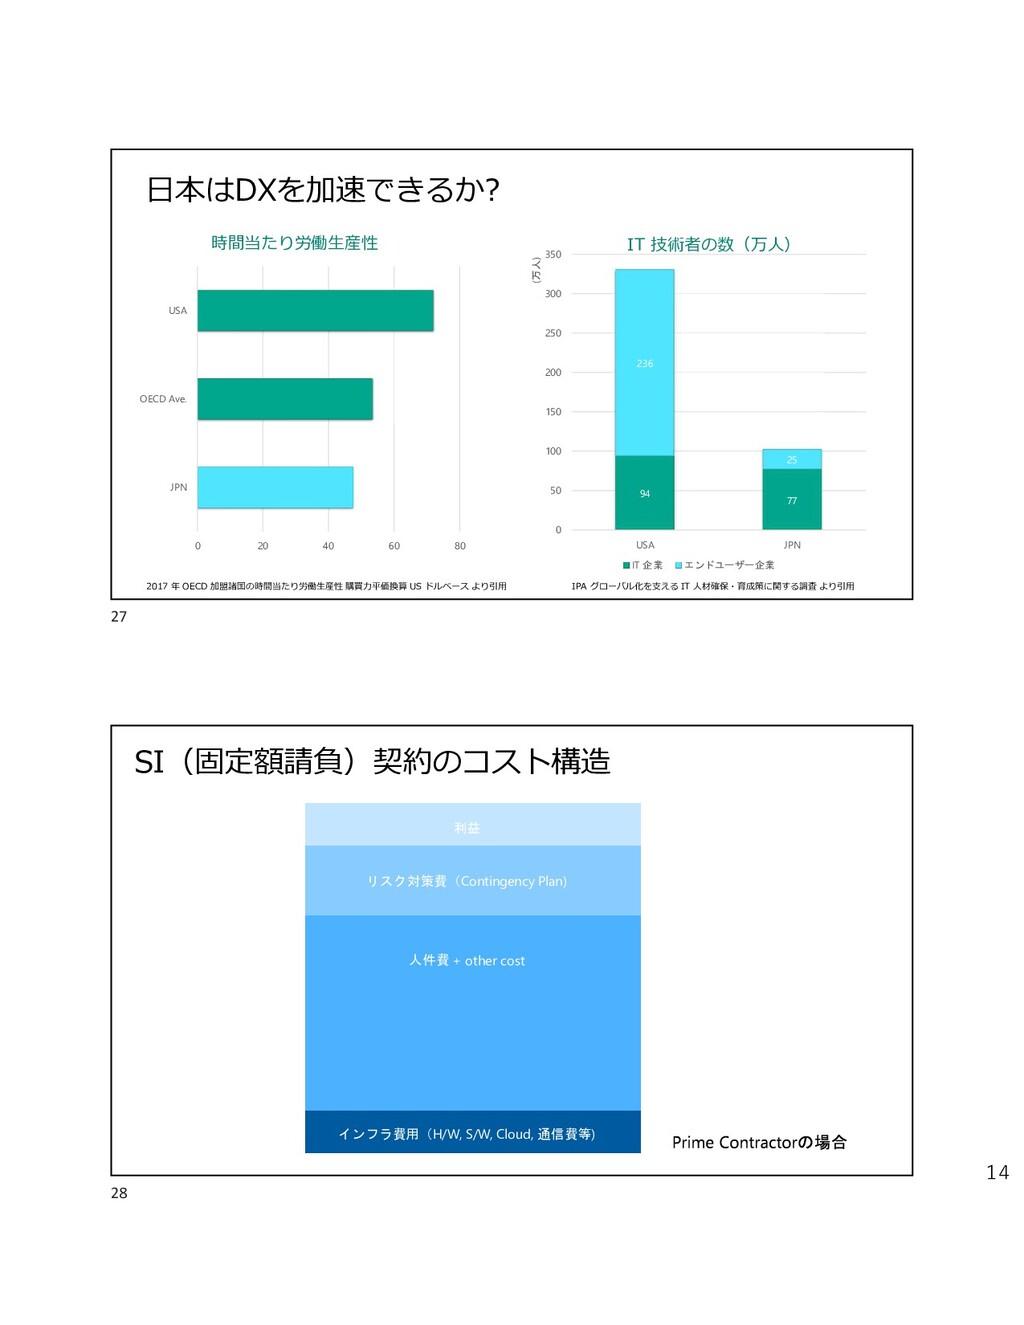 14 日本はDXを加速できるか? 0 20 40 60 80 JPN OECD Ave. US...